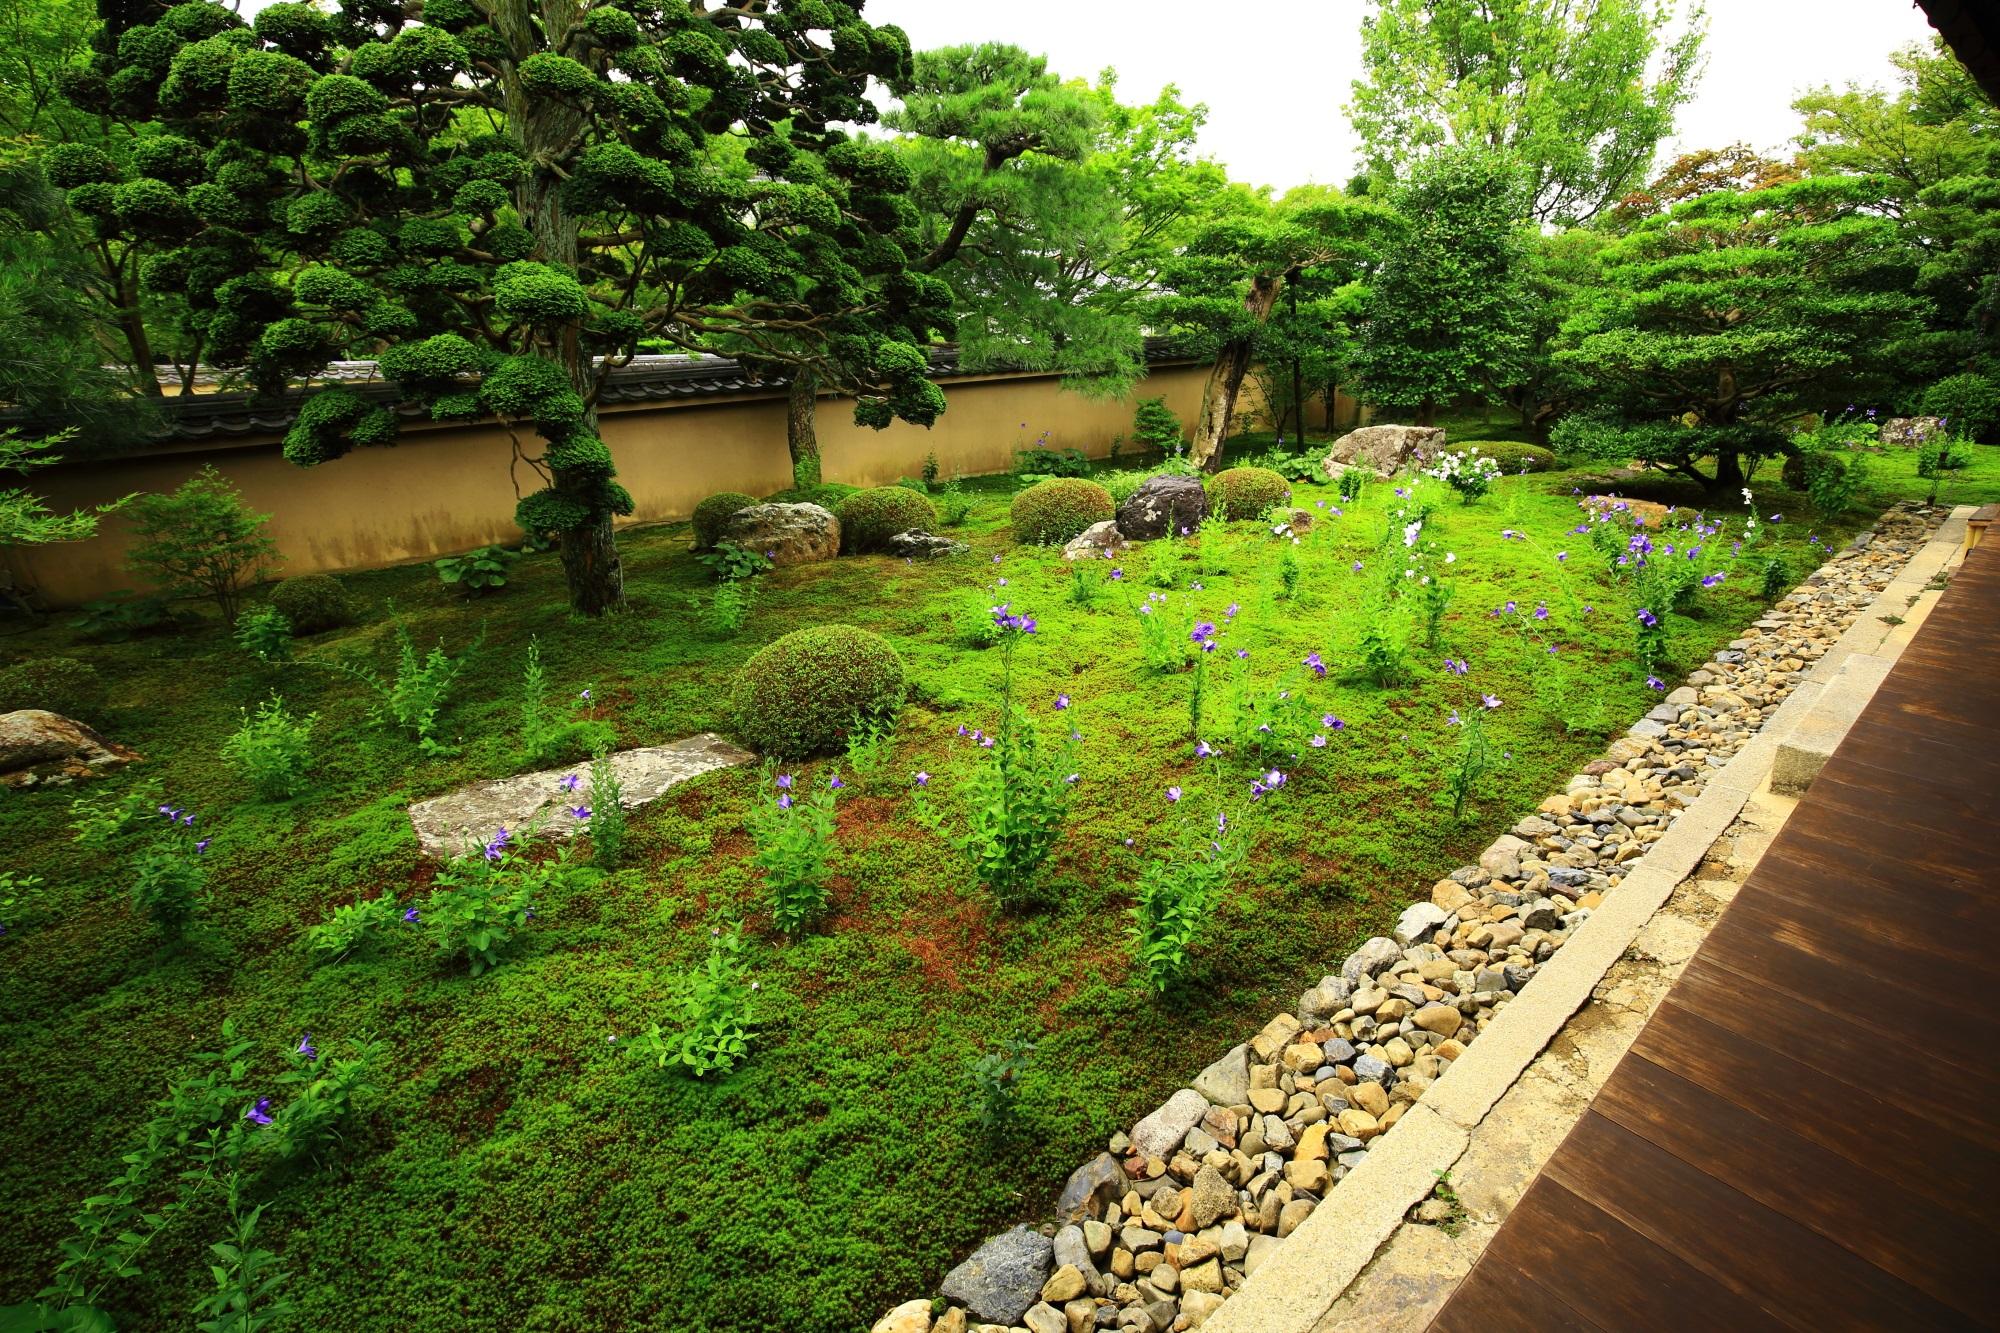 天得院の桔梗(ききょう)と苔の枯山水庭園